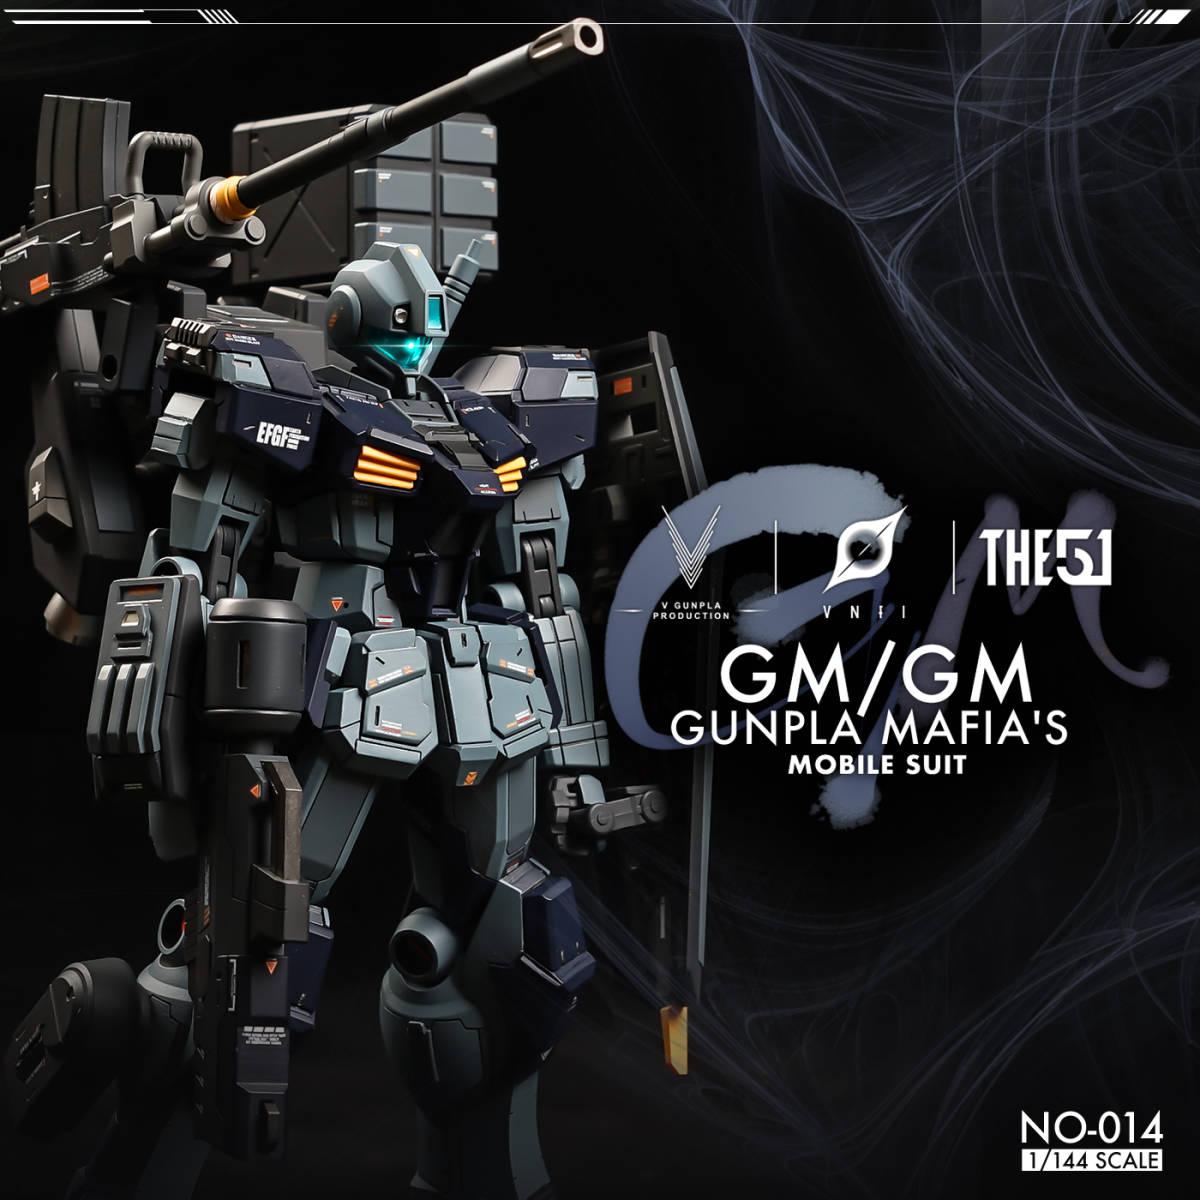 G372_gmgm_INASK_009.jpg